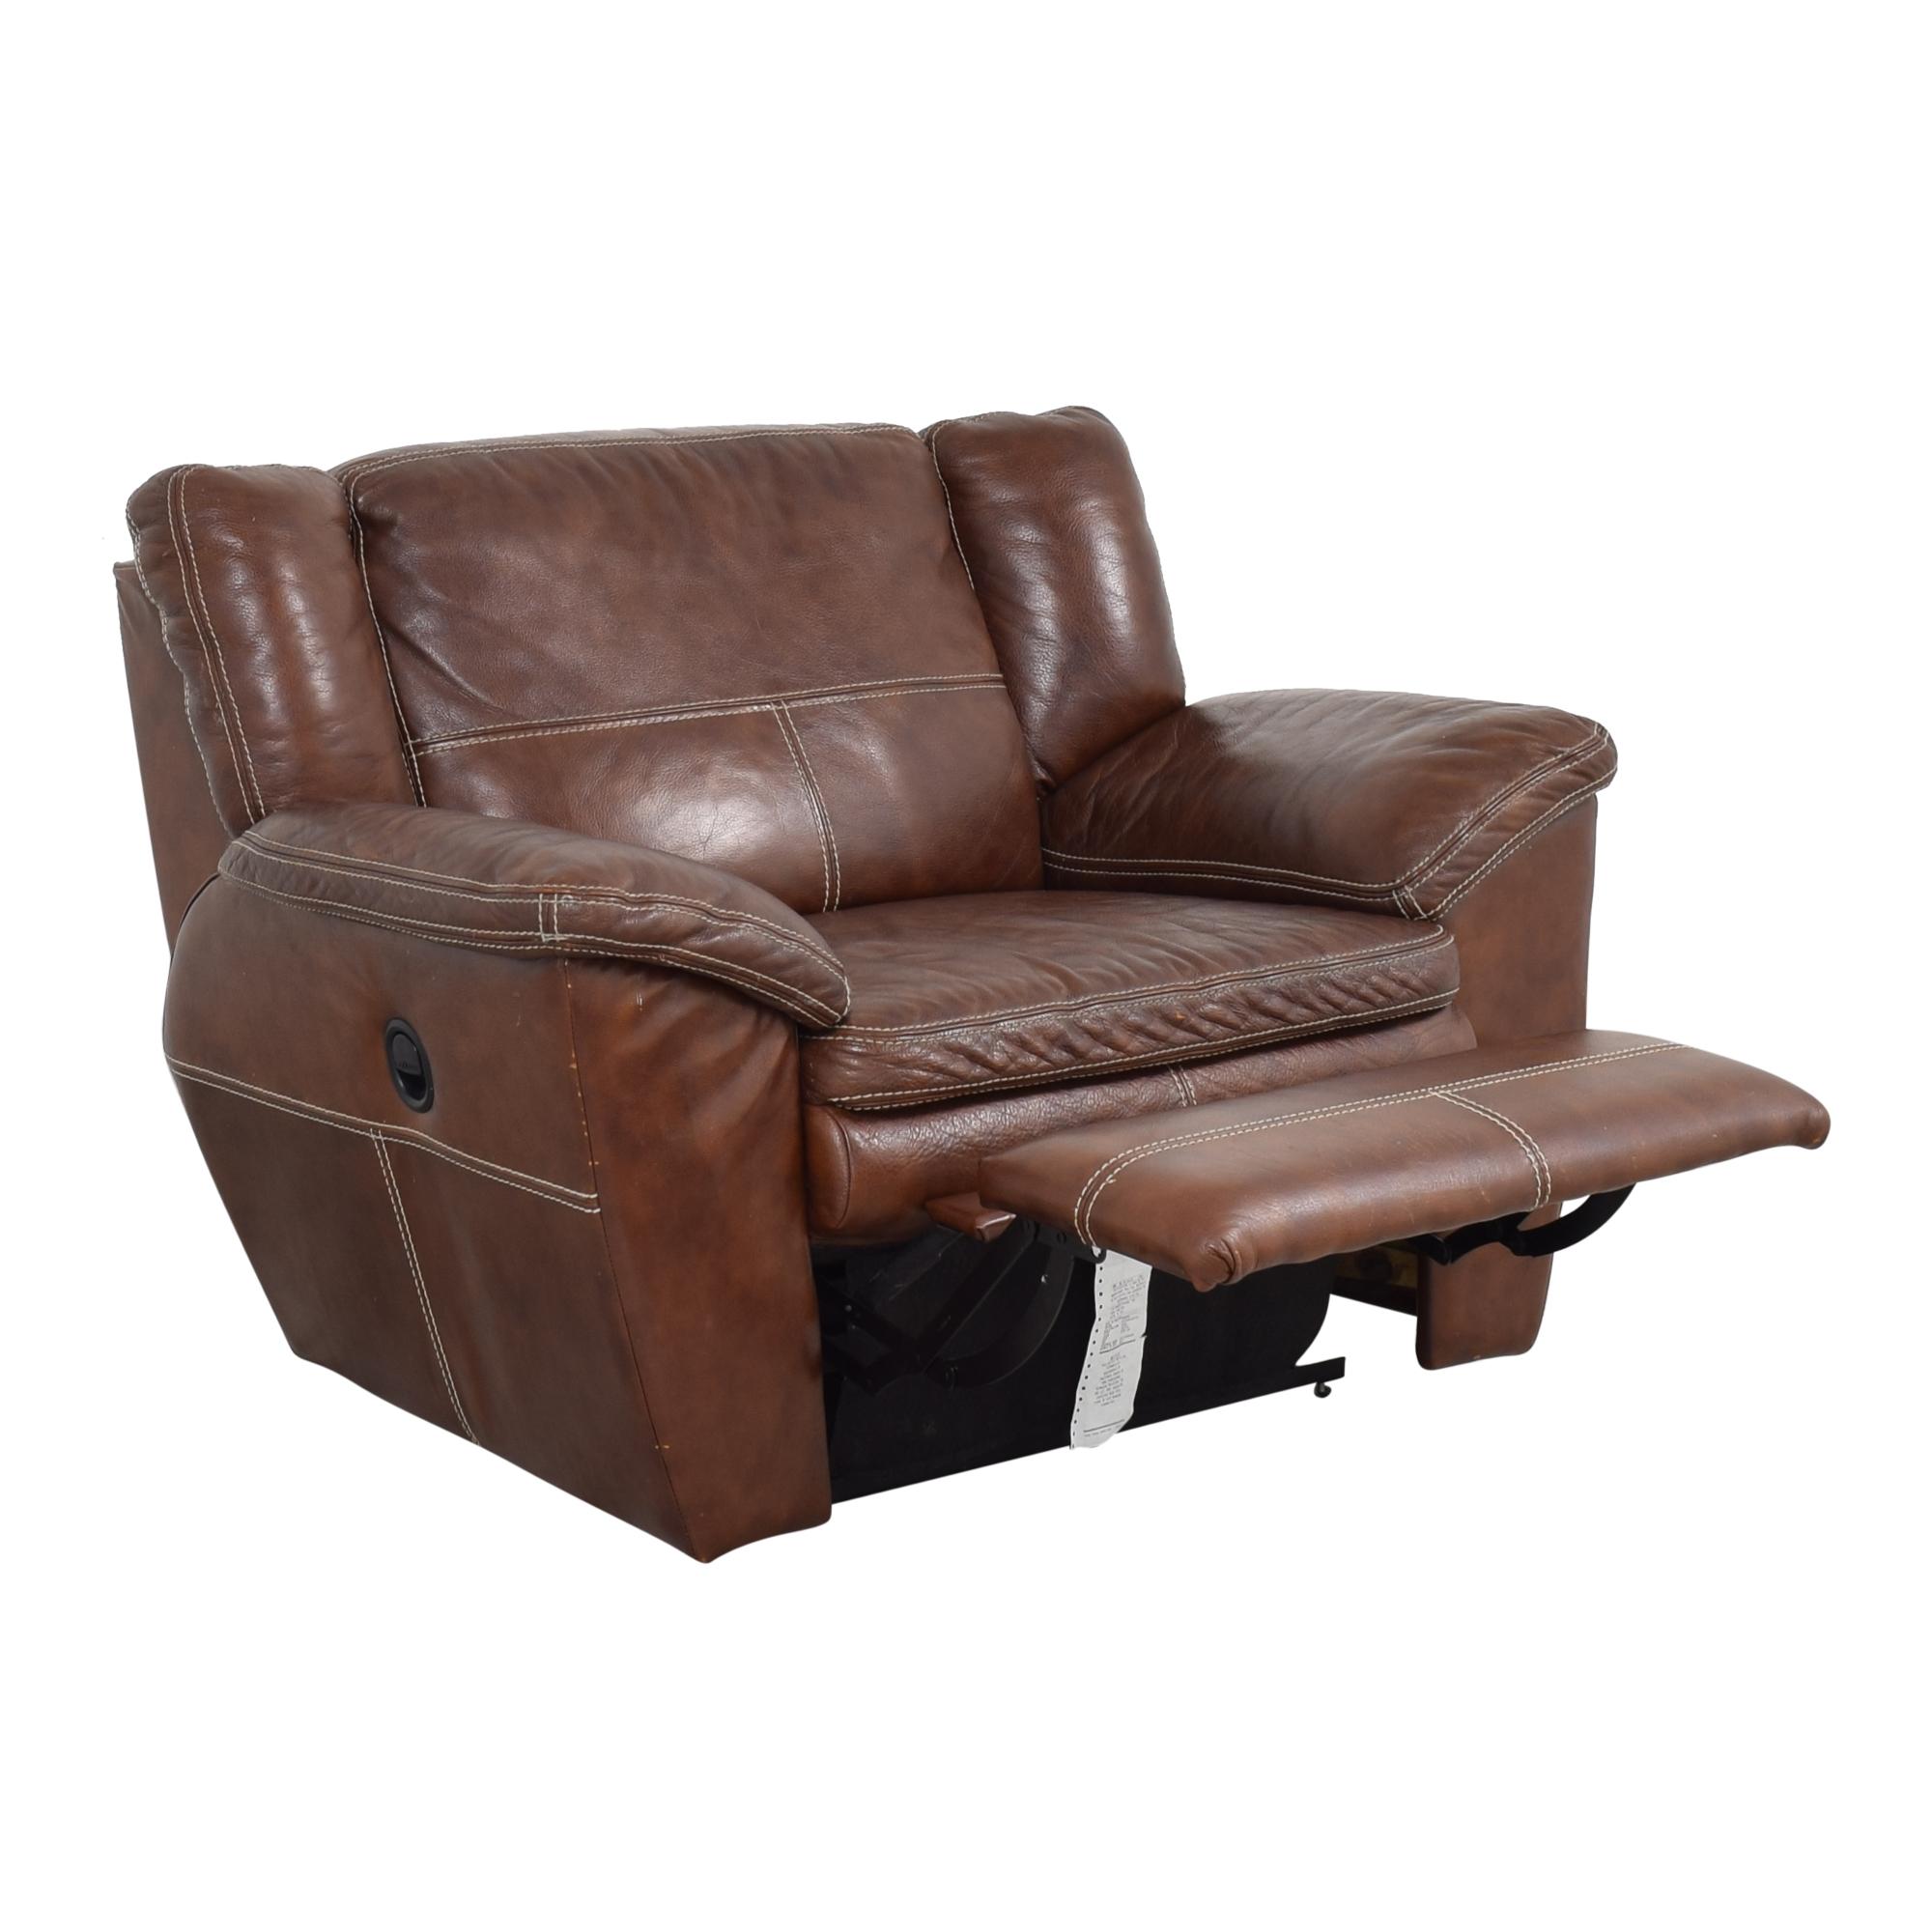 La-Z-Boy La-Z-Boy Leather Recliner Chair price